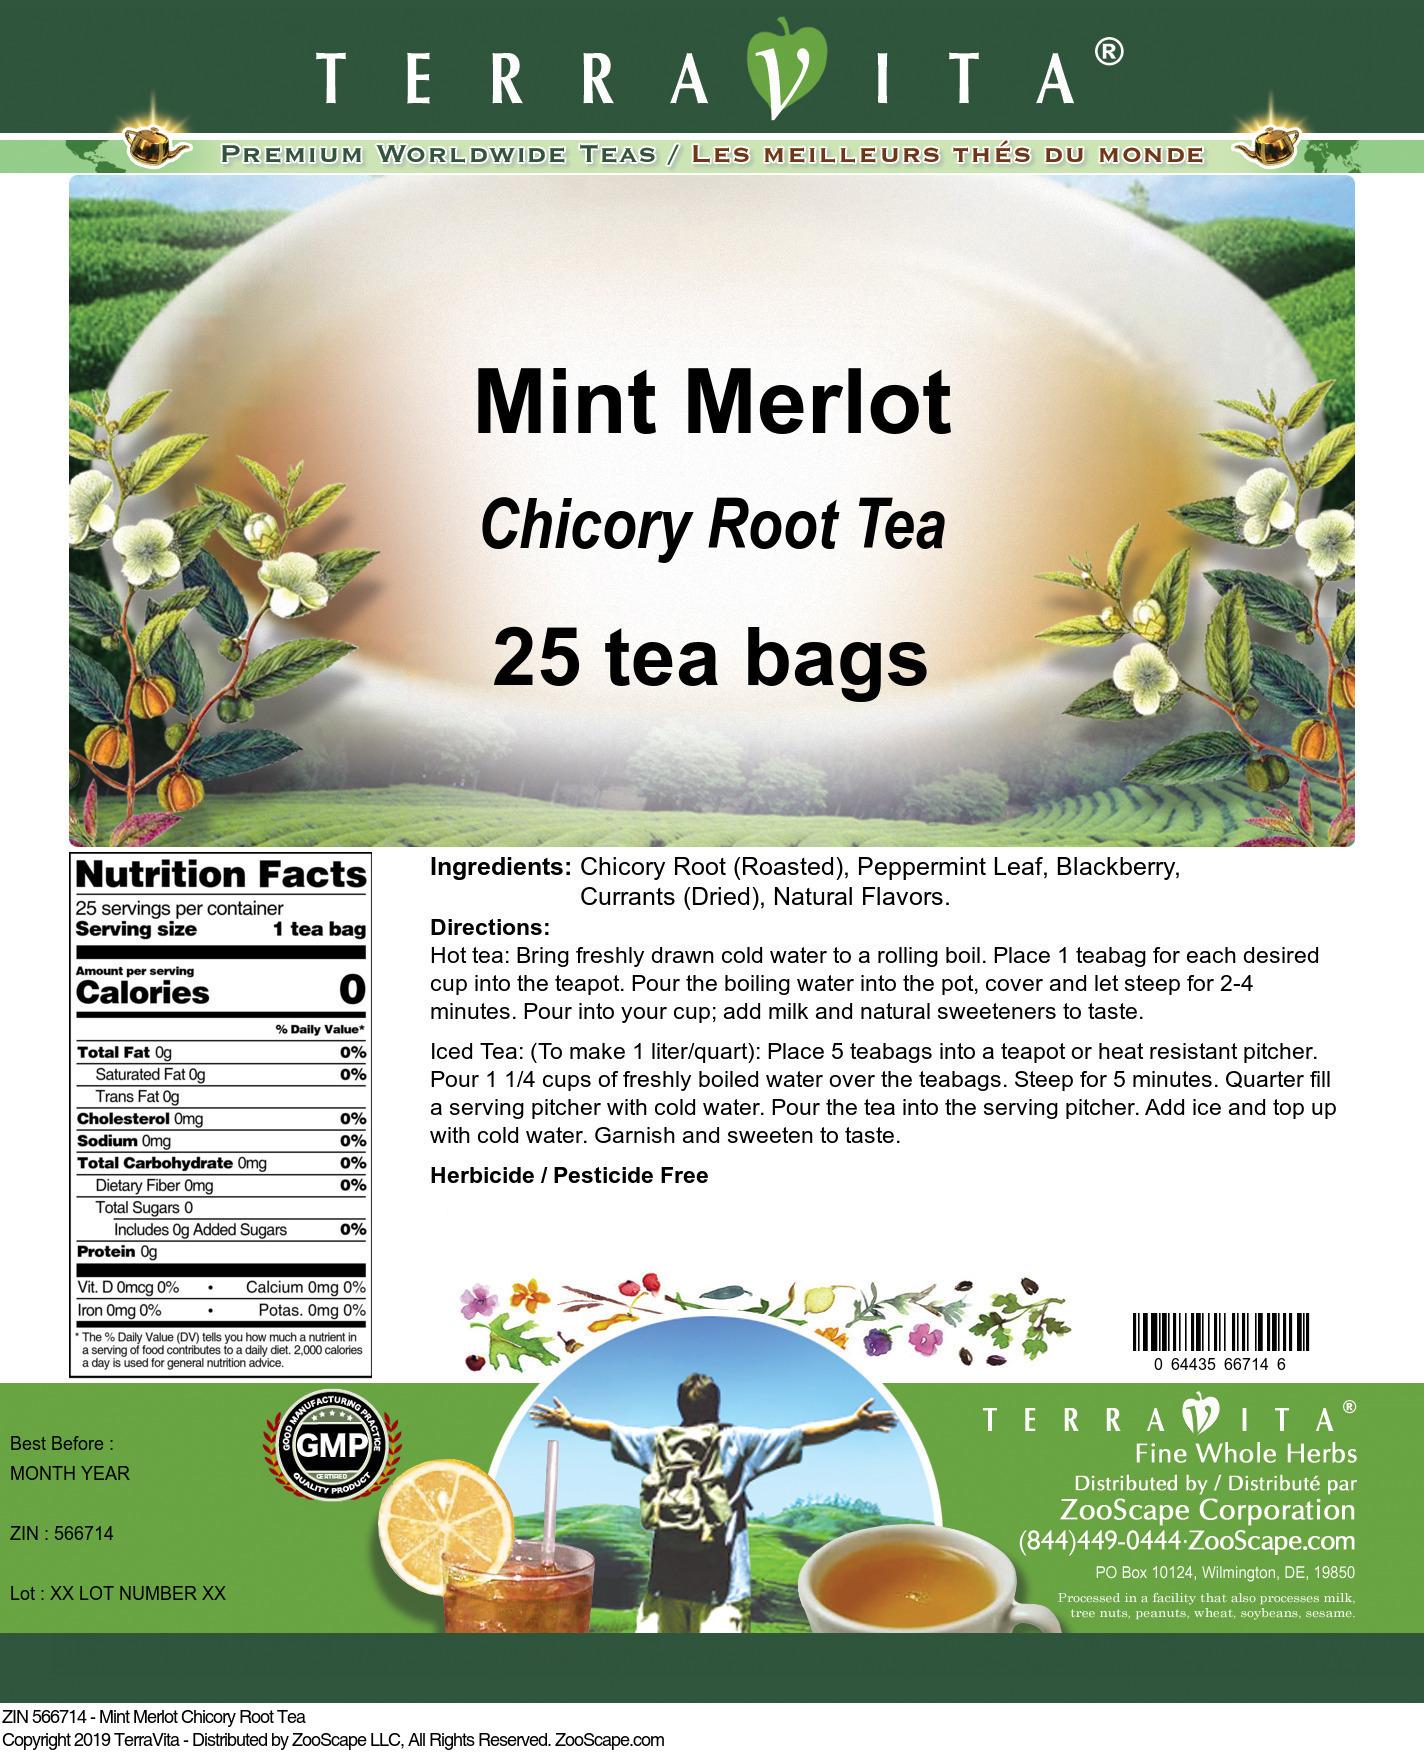 Mint Merlot Chicory Root